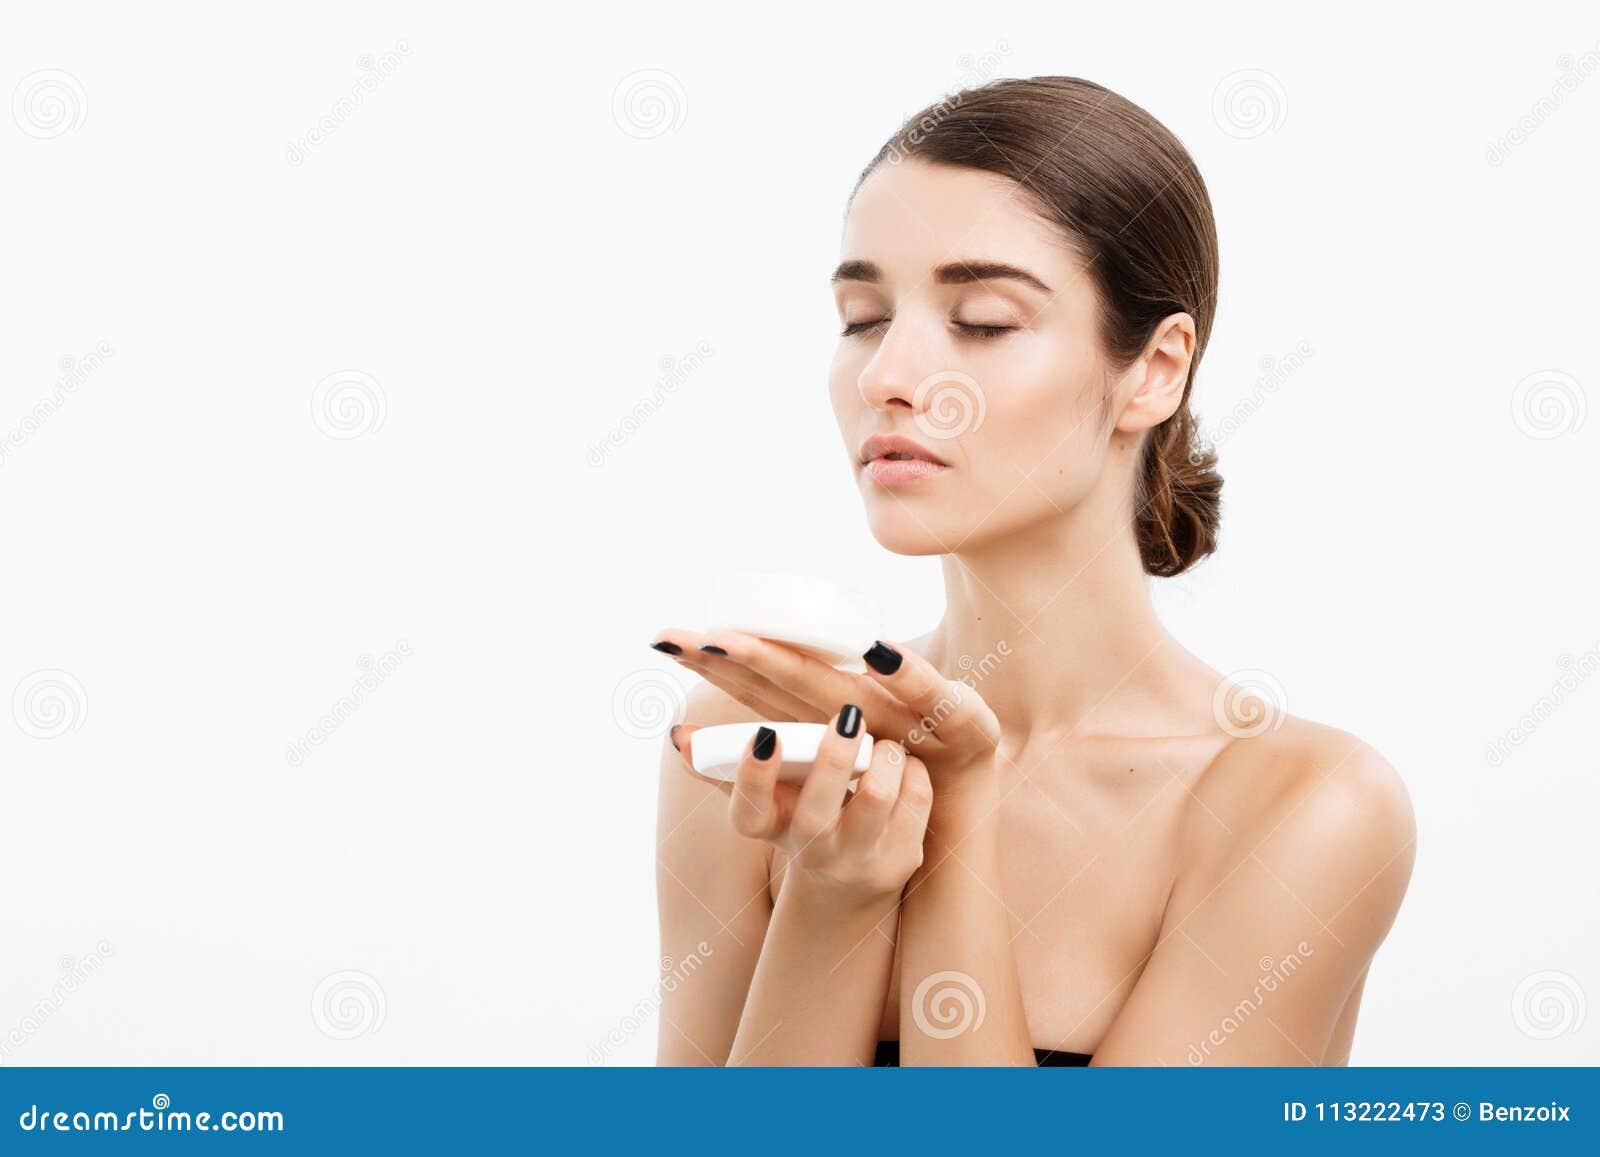 Έννοια φροντίδας δέρματος νεολαίας ομορφιάς - όμορφο καυκάσιο πορτρέτο προσώπου γυναικών που χαμογελά και που κρατά το βάζο κρέμα